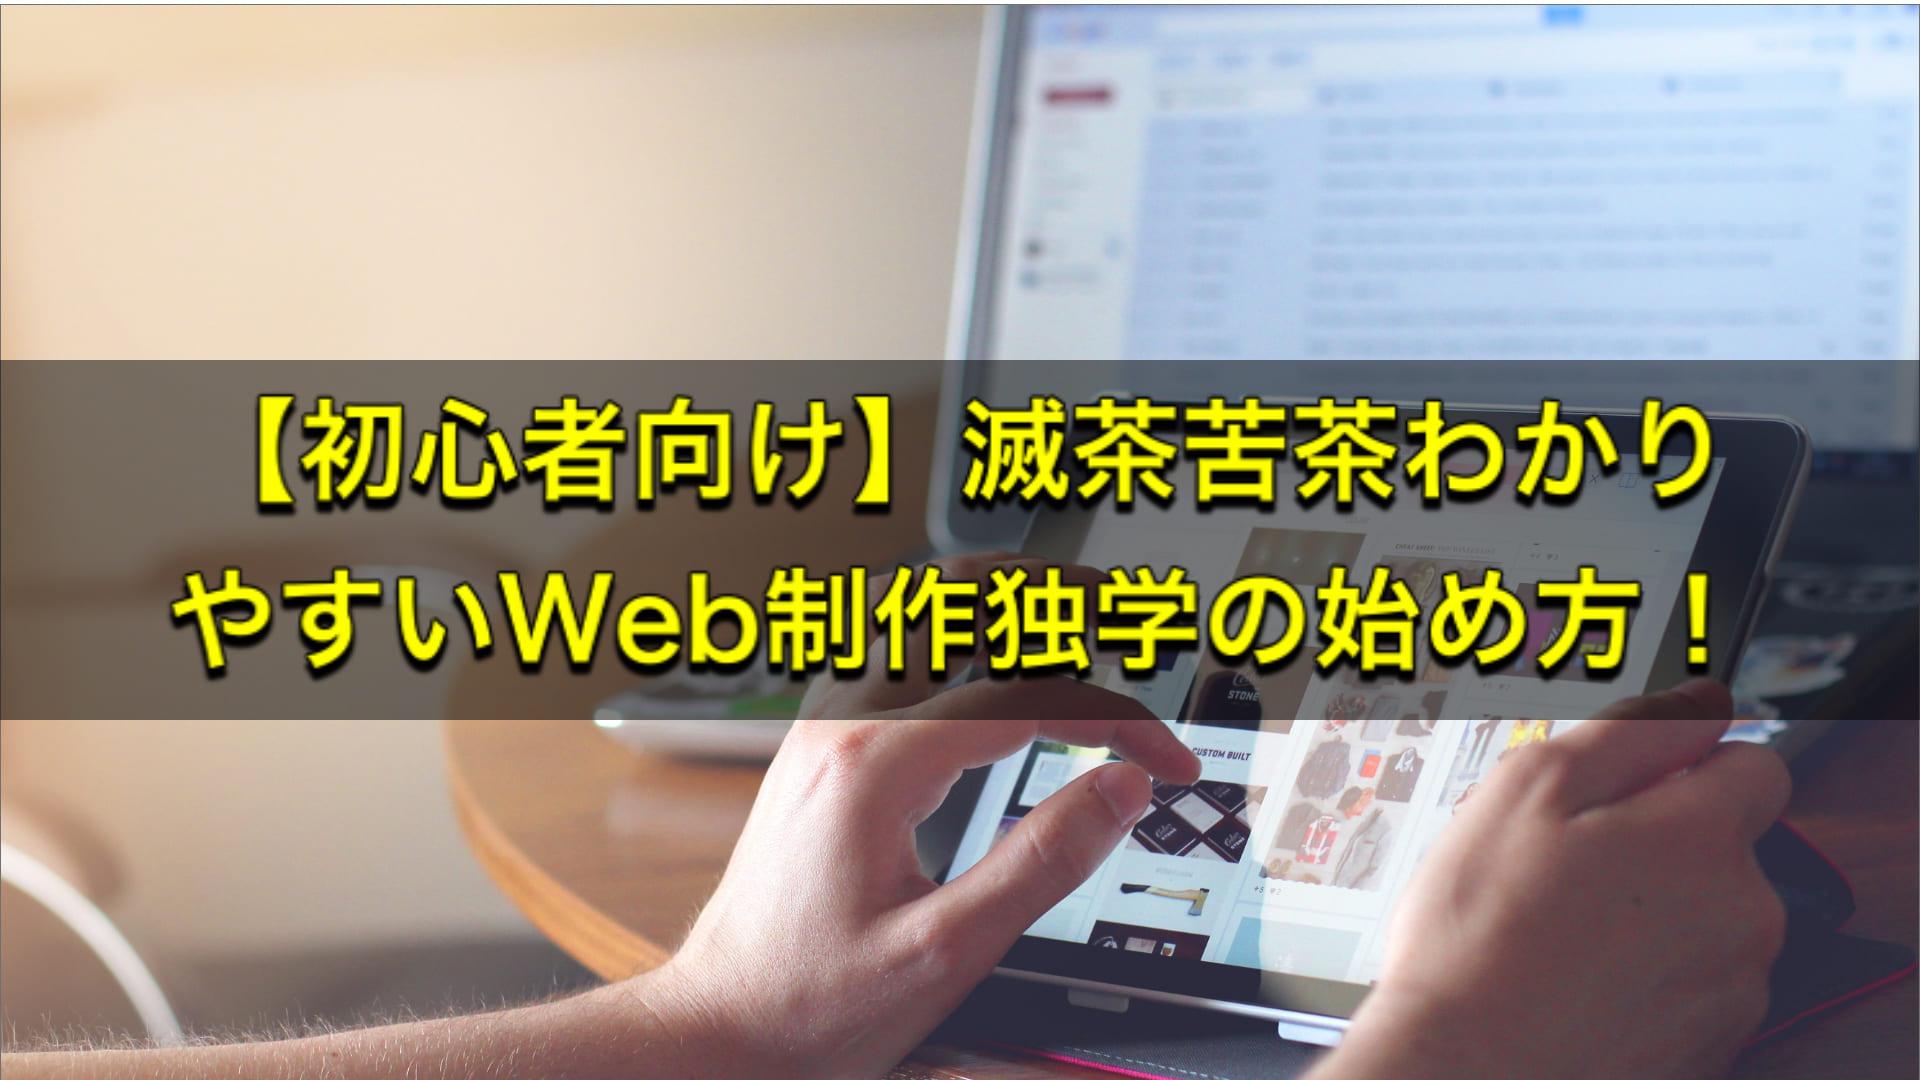 【初心者向け】滅茶苦茶わかりやすいWeb制作独学の始め方!|【最短距離で収益化できます】